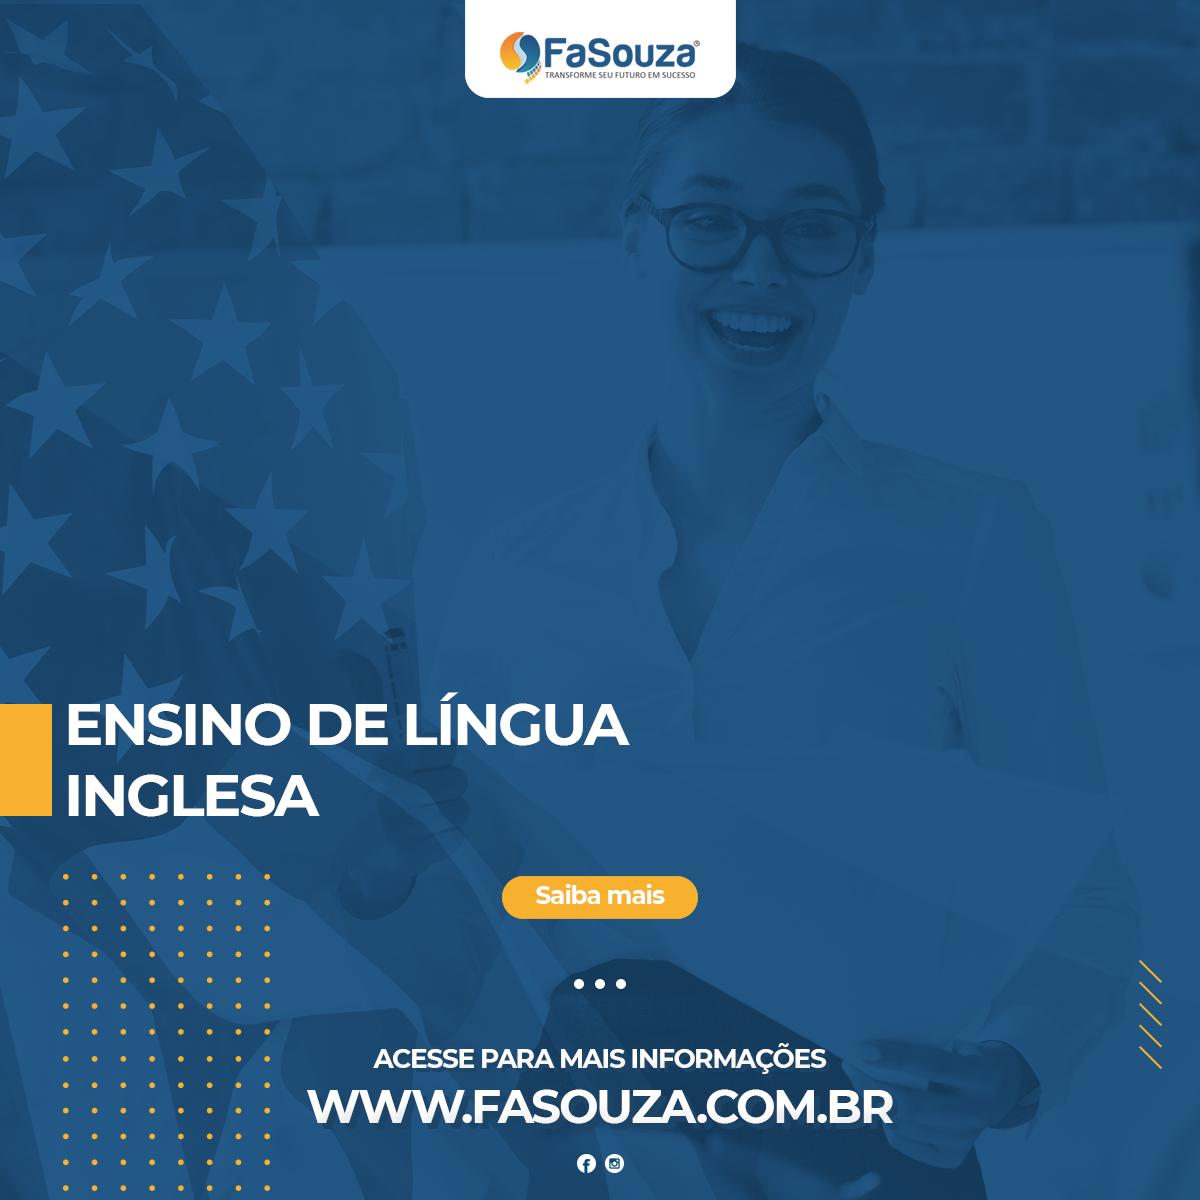 Faculdade Souza - ENSINO DE LÍNGUA INGLESA